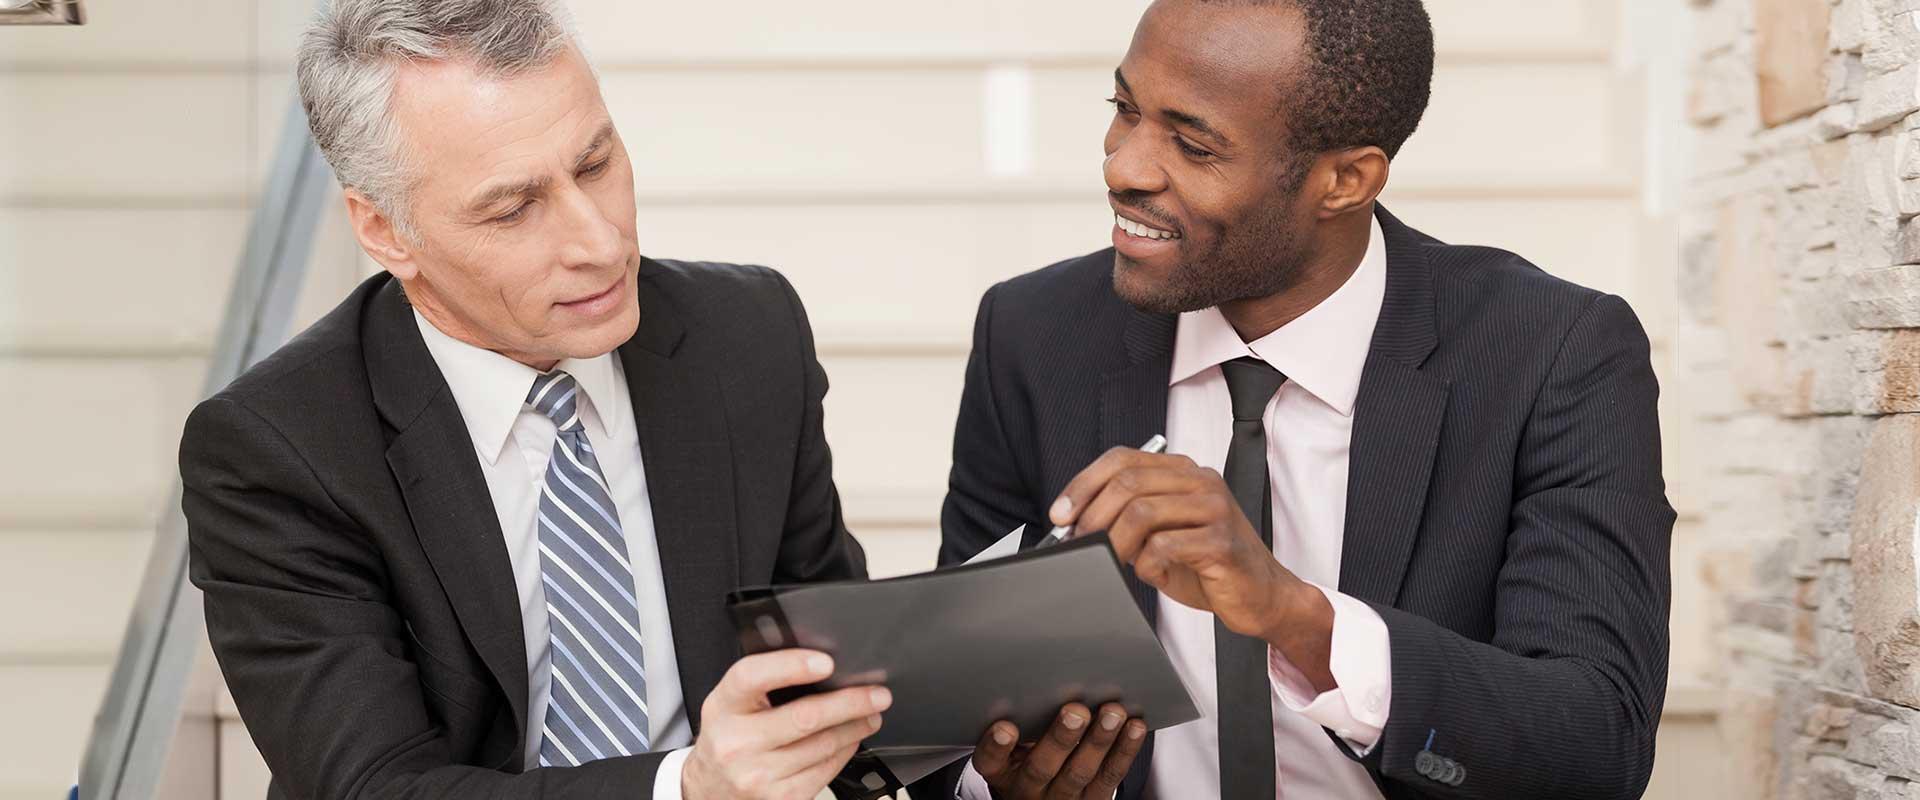 executive search, recruitment uae, Cooper Fitch